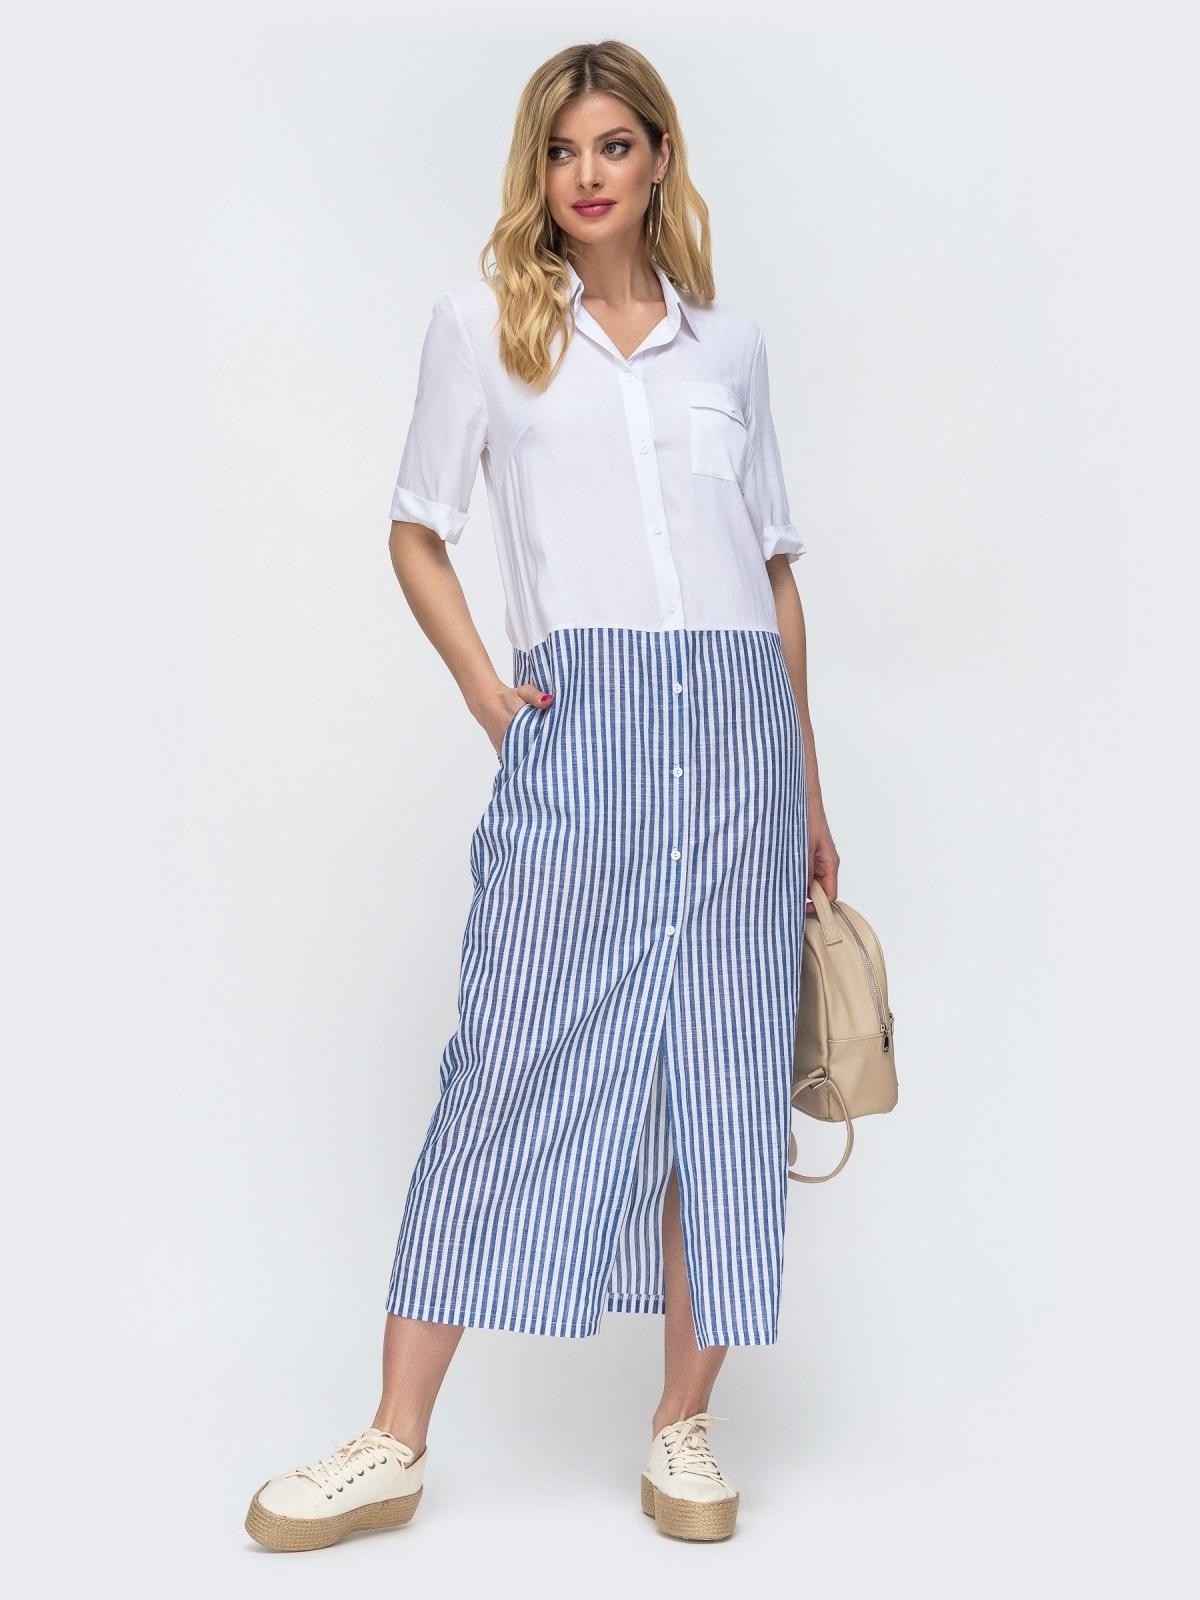 Белое платье-рубашка в узкую синюю полоску по низу 46812, фото 1